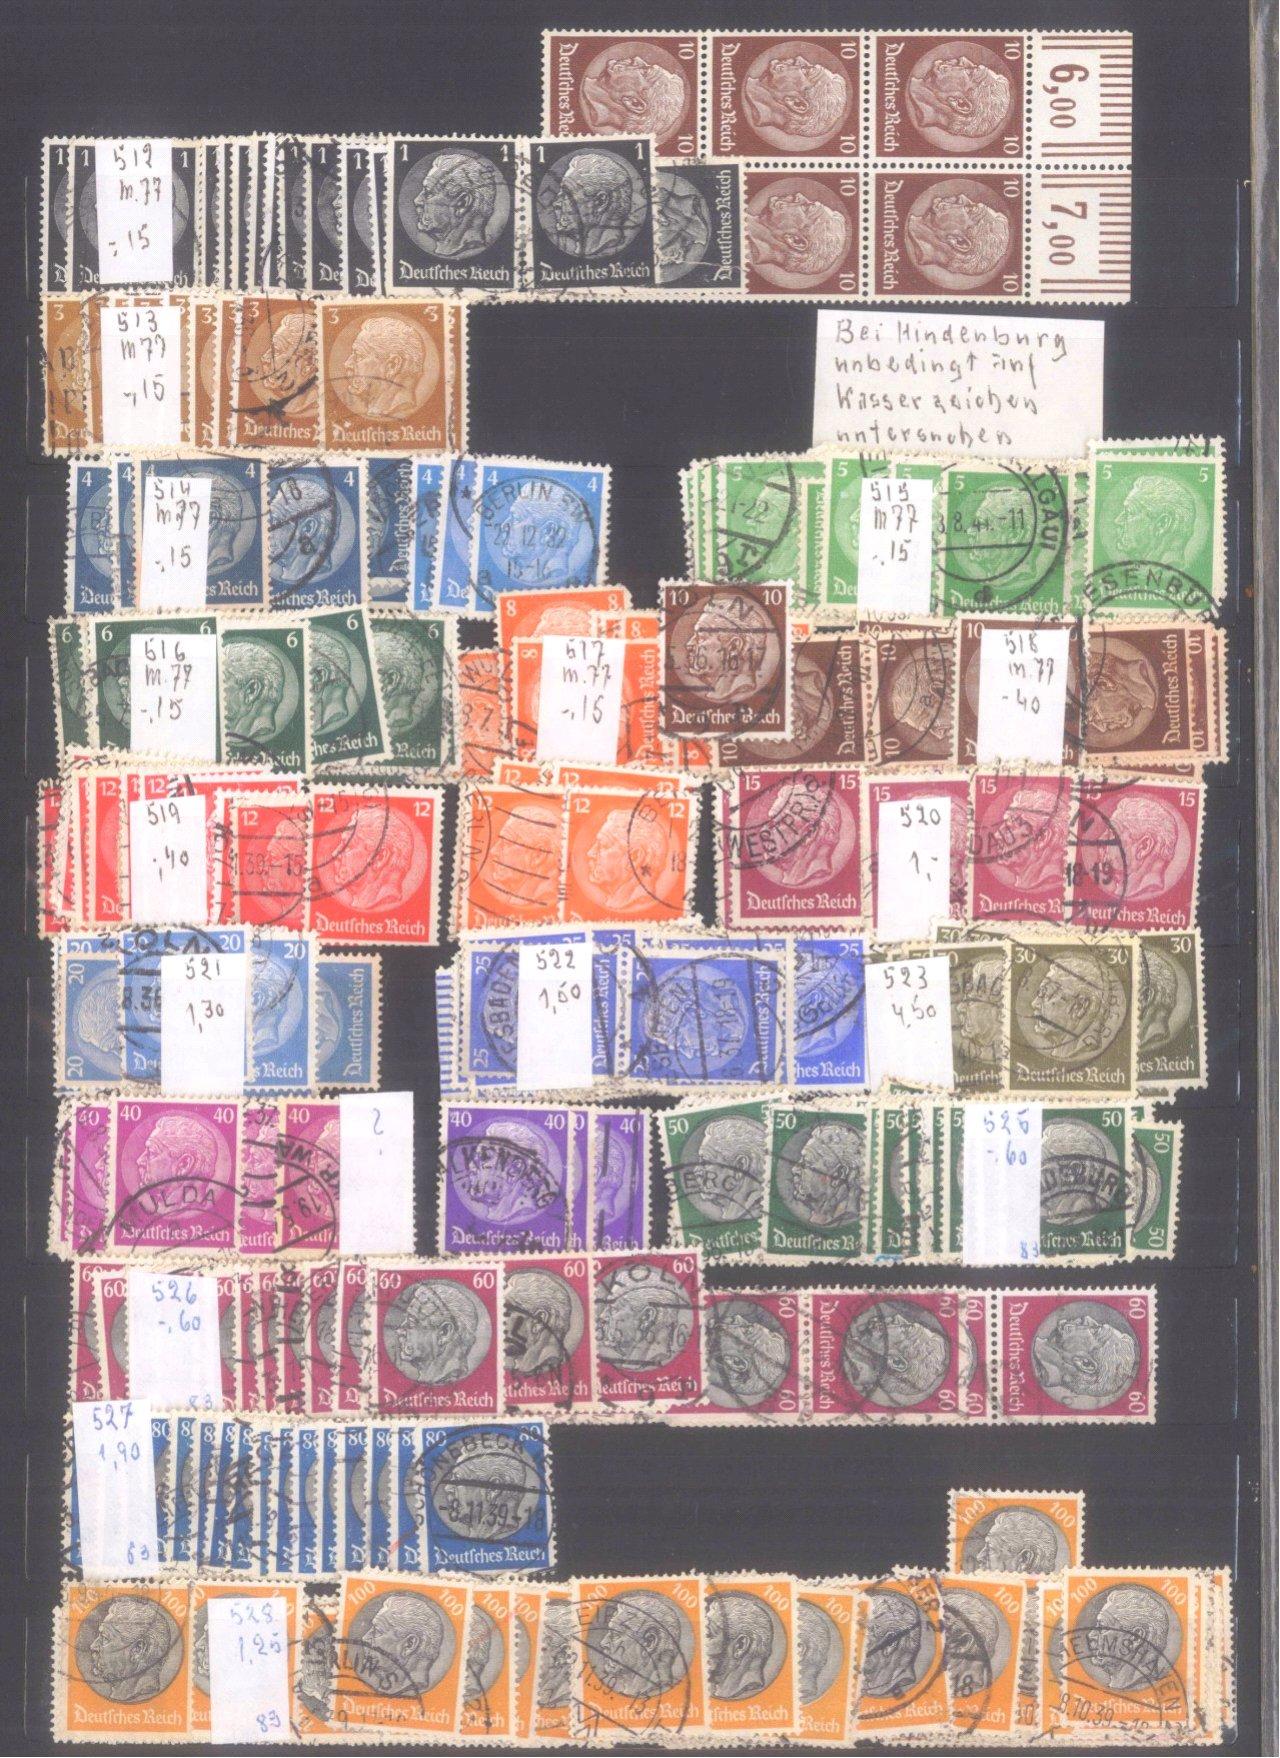 Mannheimer Briefmarkennachlass-19